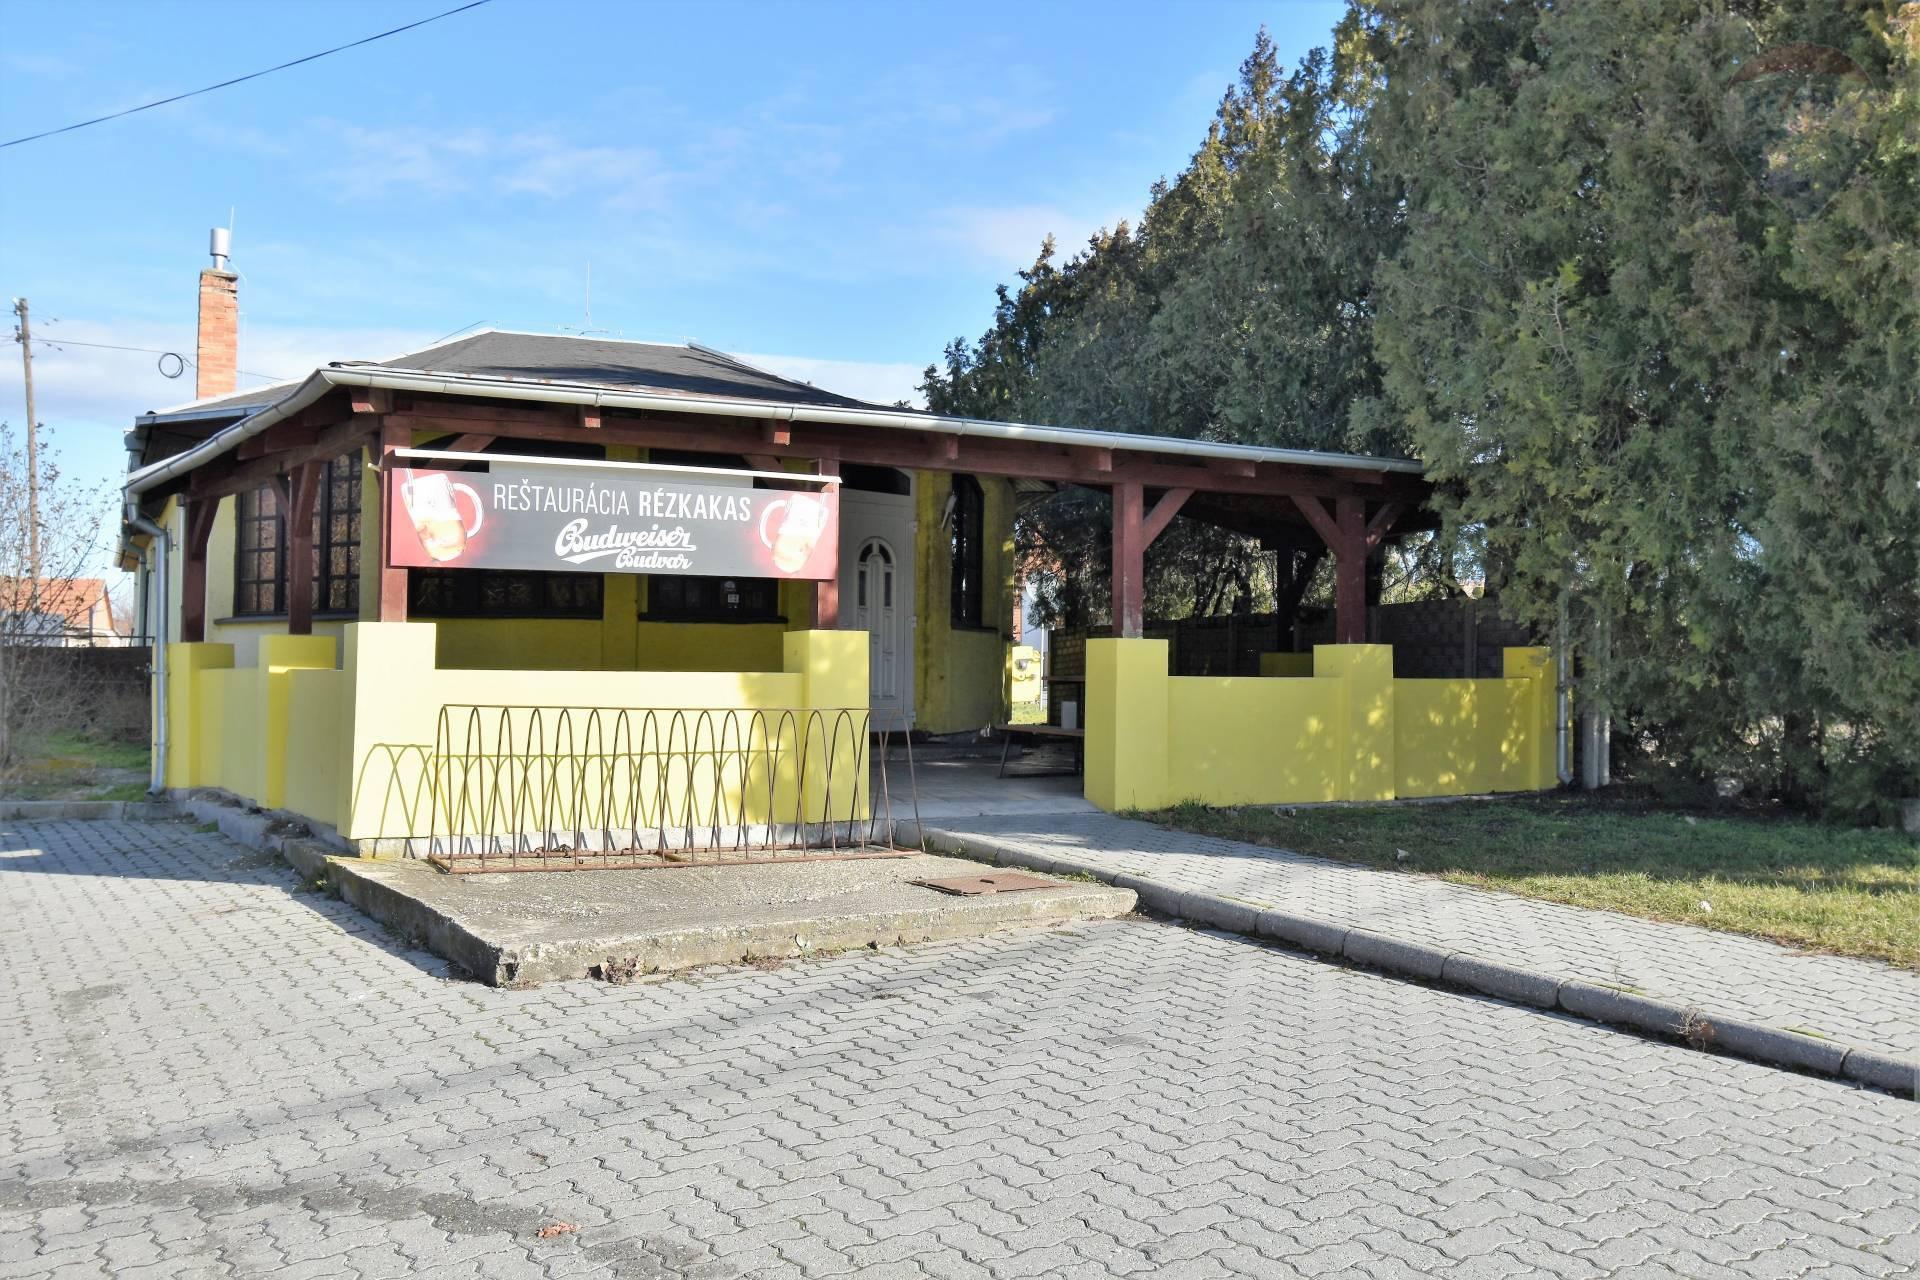 Predaj: Komerčný objekt, reštaurácia, Okoč, pozemok 326 m2, nová prístavba